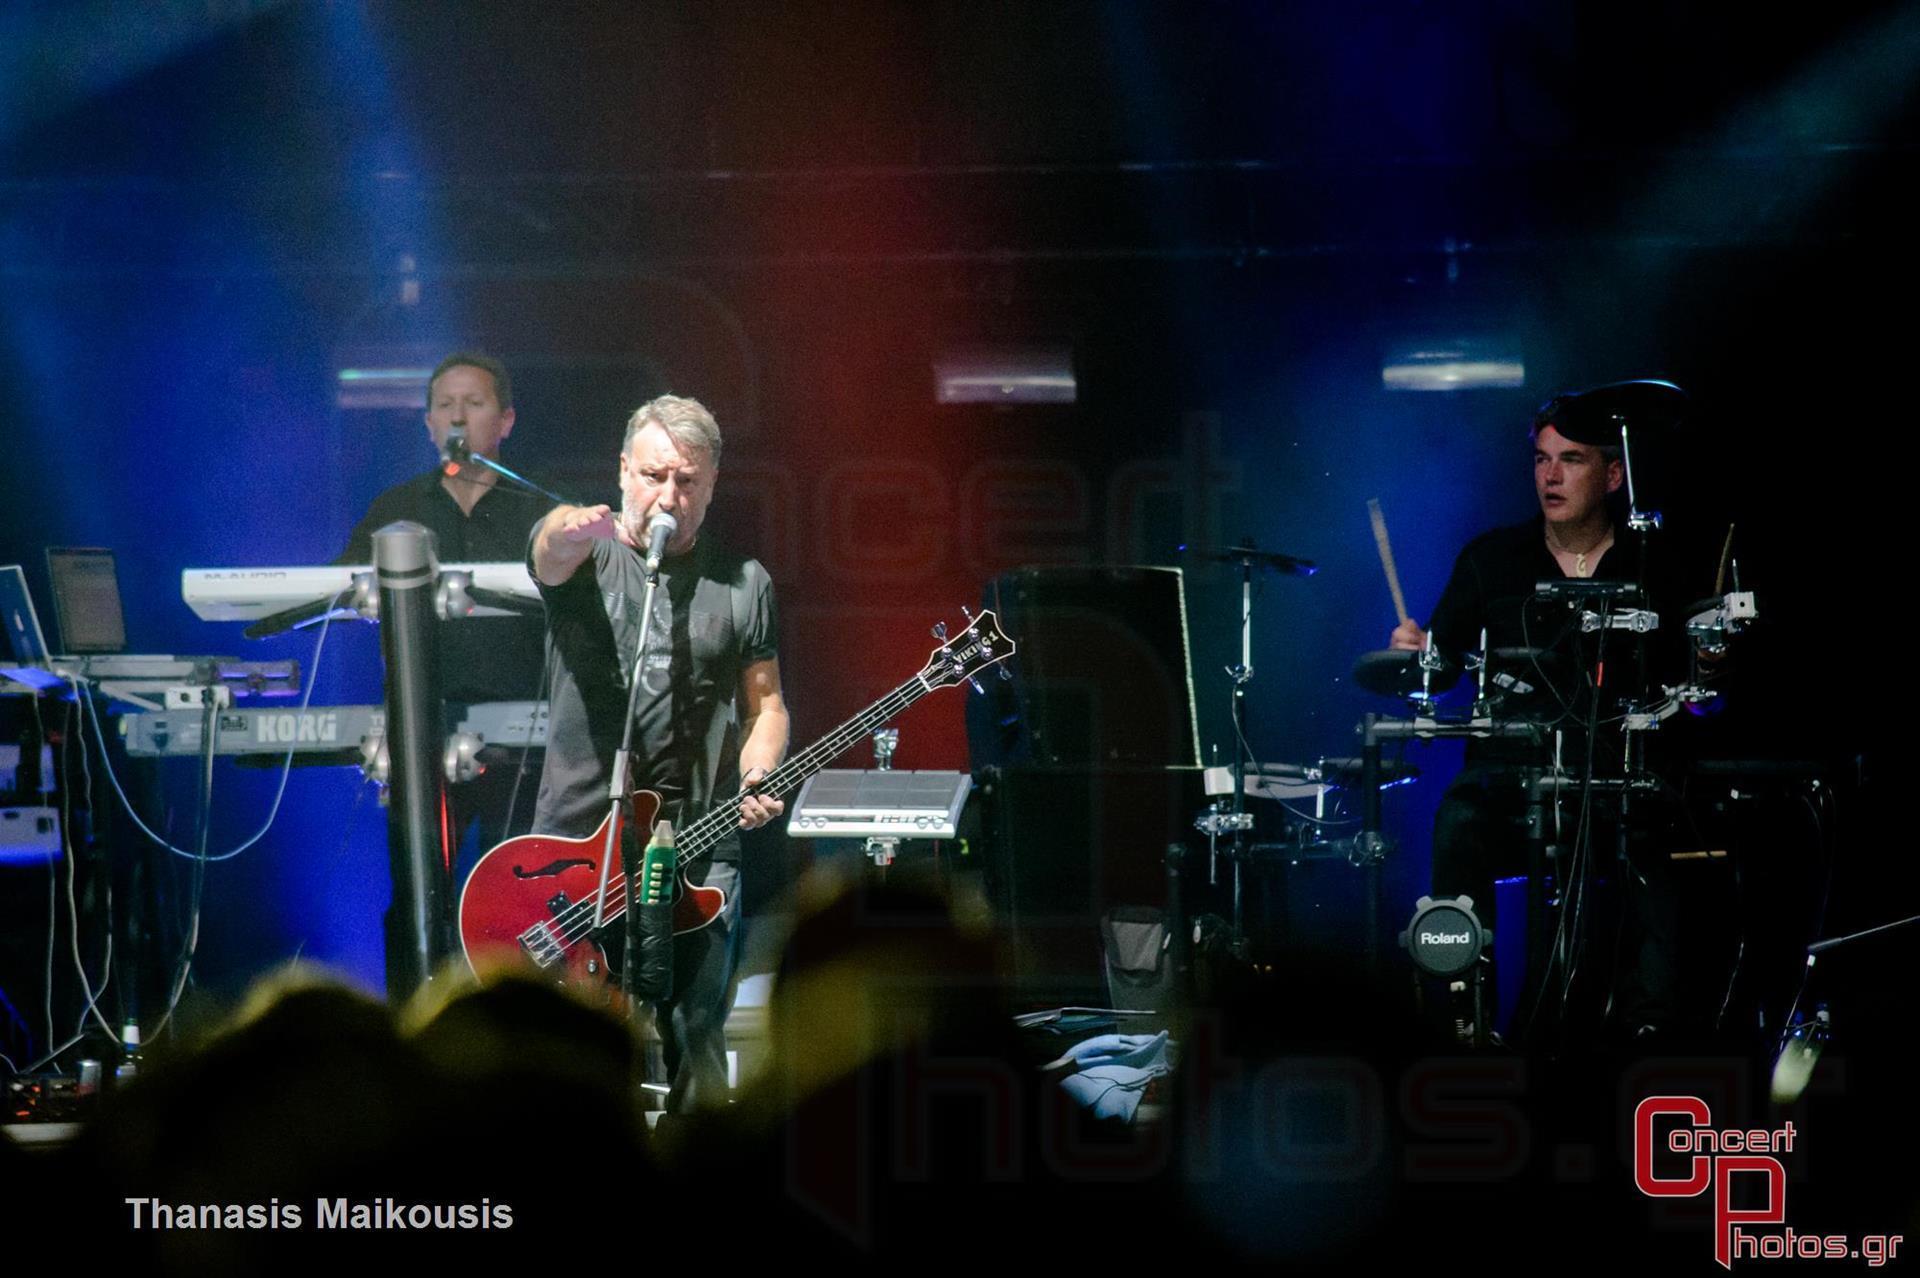 Peter Hook & The Light - photographer: Thanasis Maikousis - concertphotos_-9426